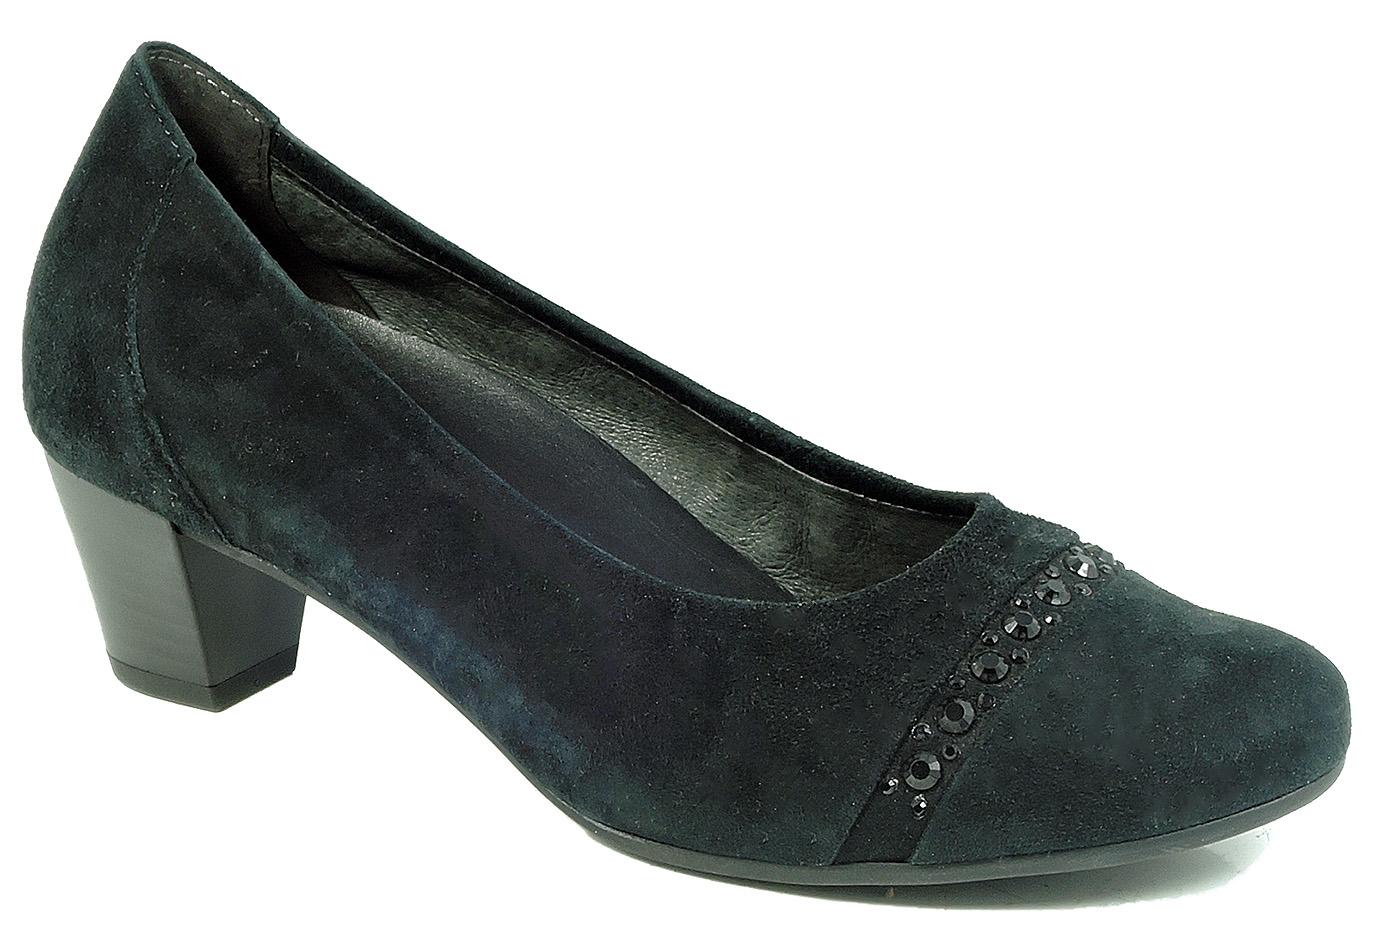 Détails sur Gabor Escarpins, Chaussures, Noir, H Large, Comfort Art. 36.182.47 taille 37 uk 4 afficher le titre d'origine